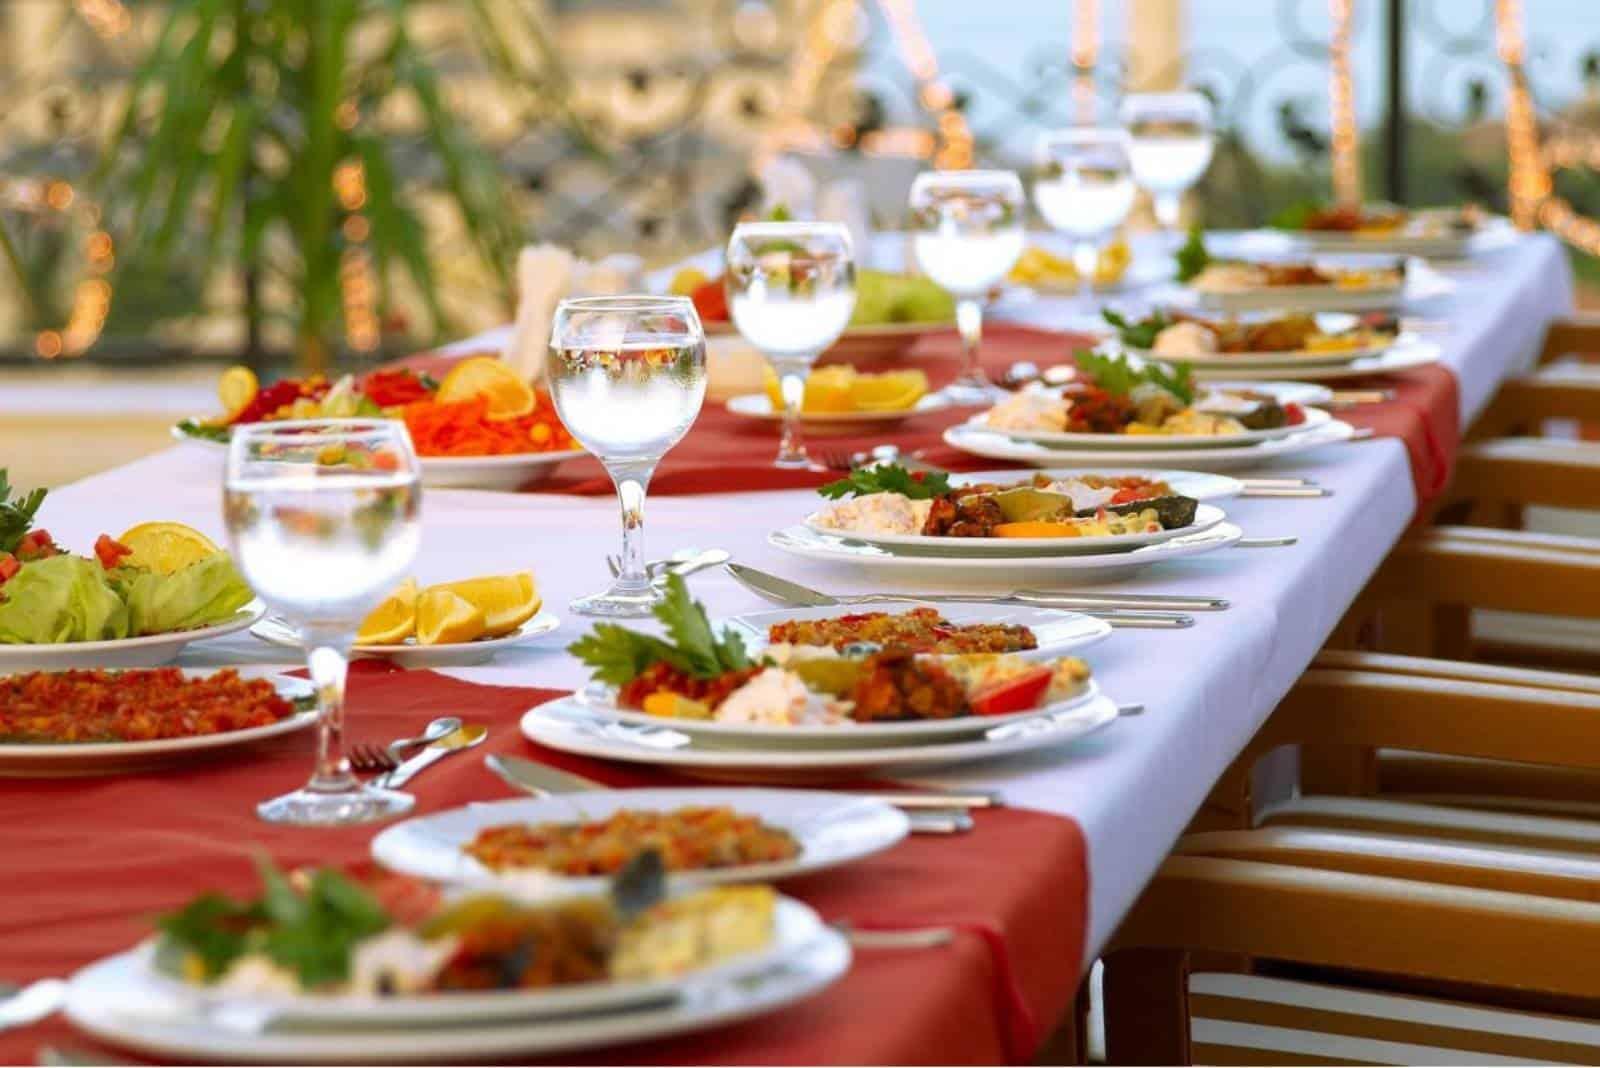 Tisch und Lebensmittel